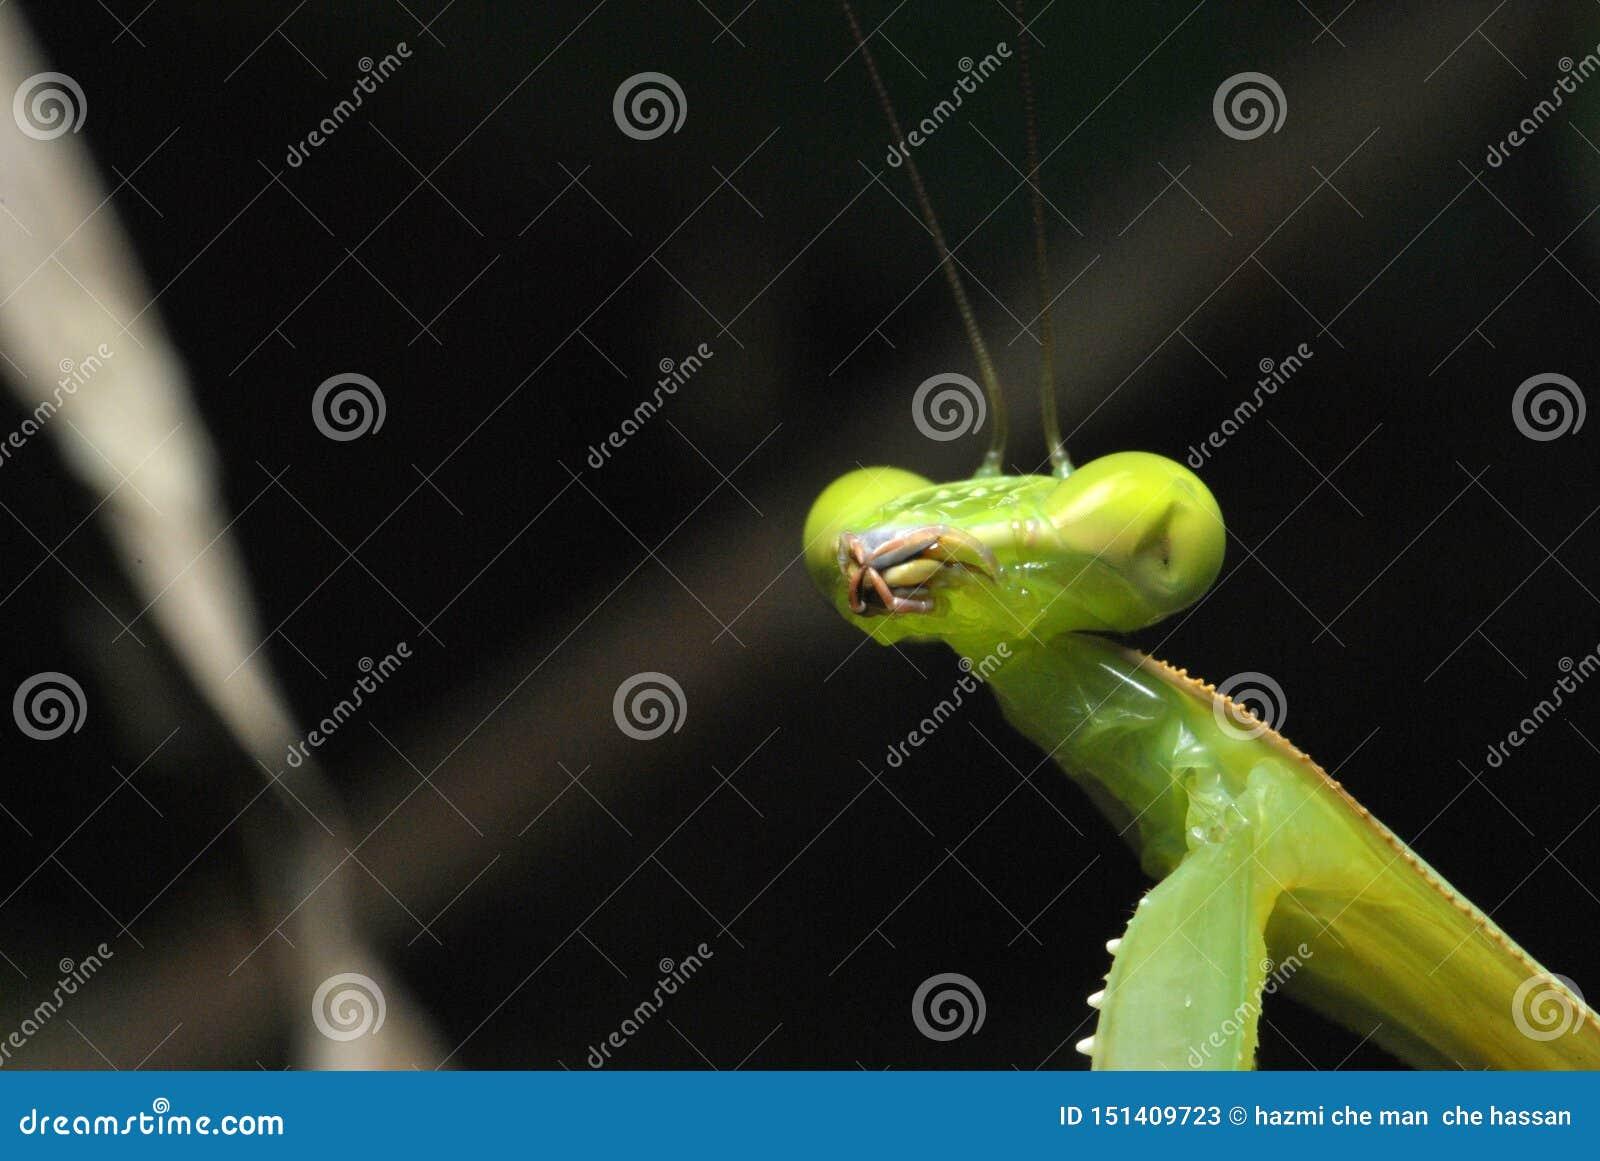 绿色螳螂的接近的面孔